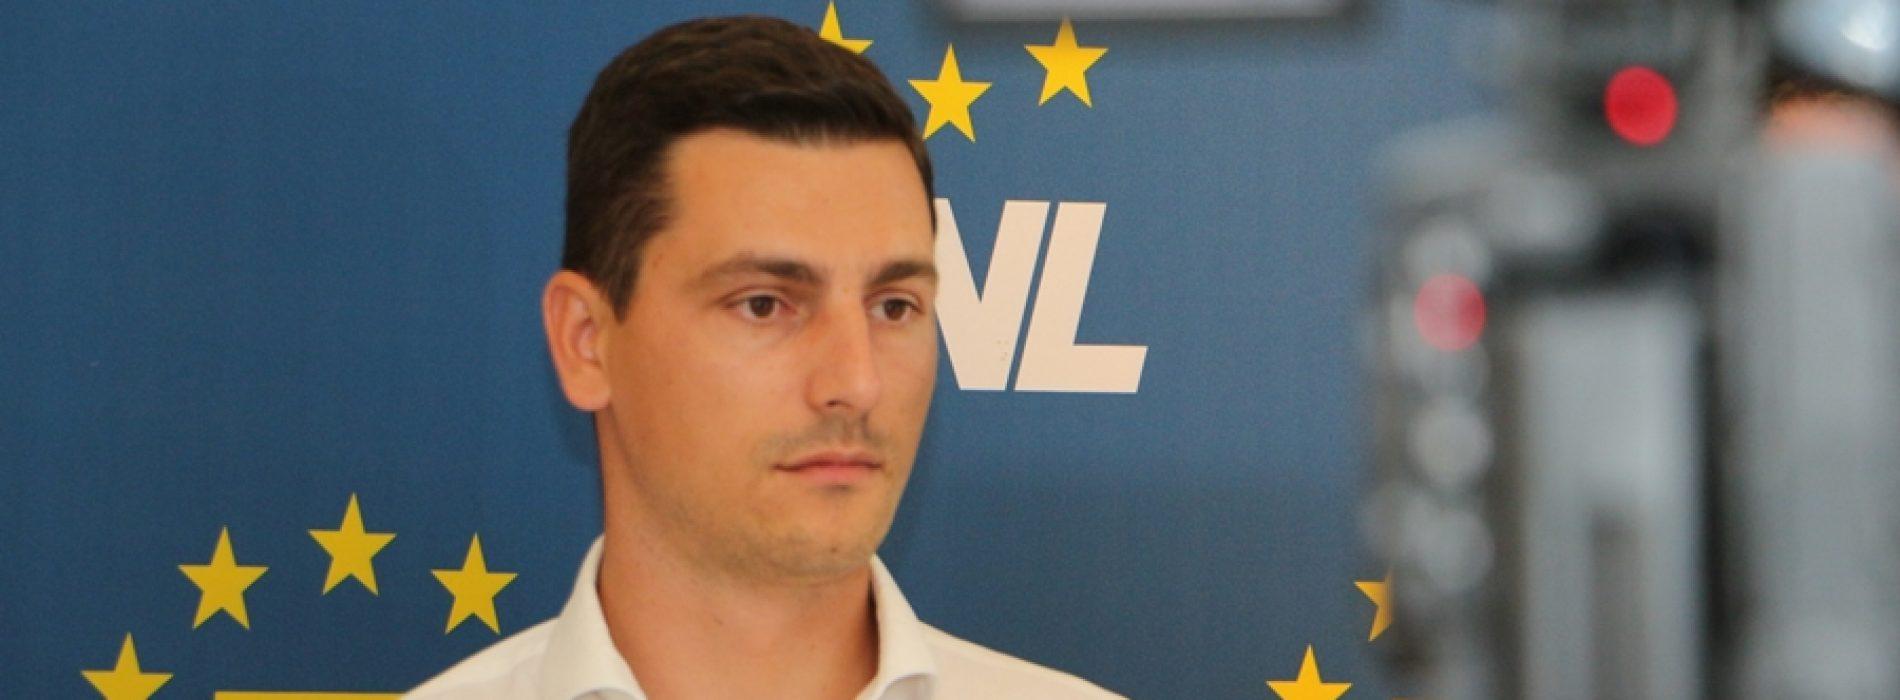 Ionel Bogdan (PNL): Dragnea ne întoarce la vremurile când partidul decidea cât trebuie să mâncăm sau când trebuie să mergem cu mașina